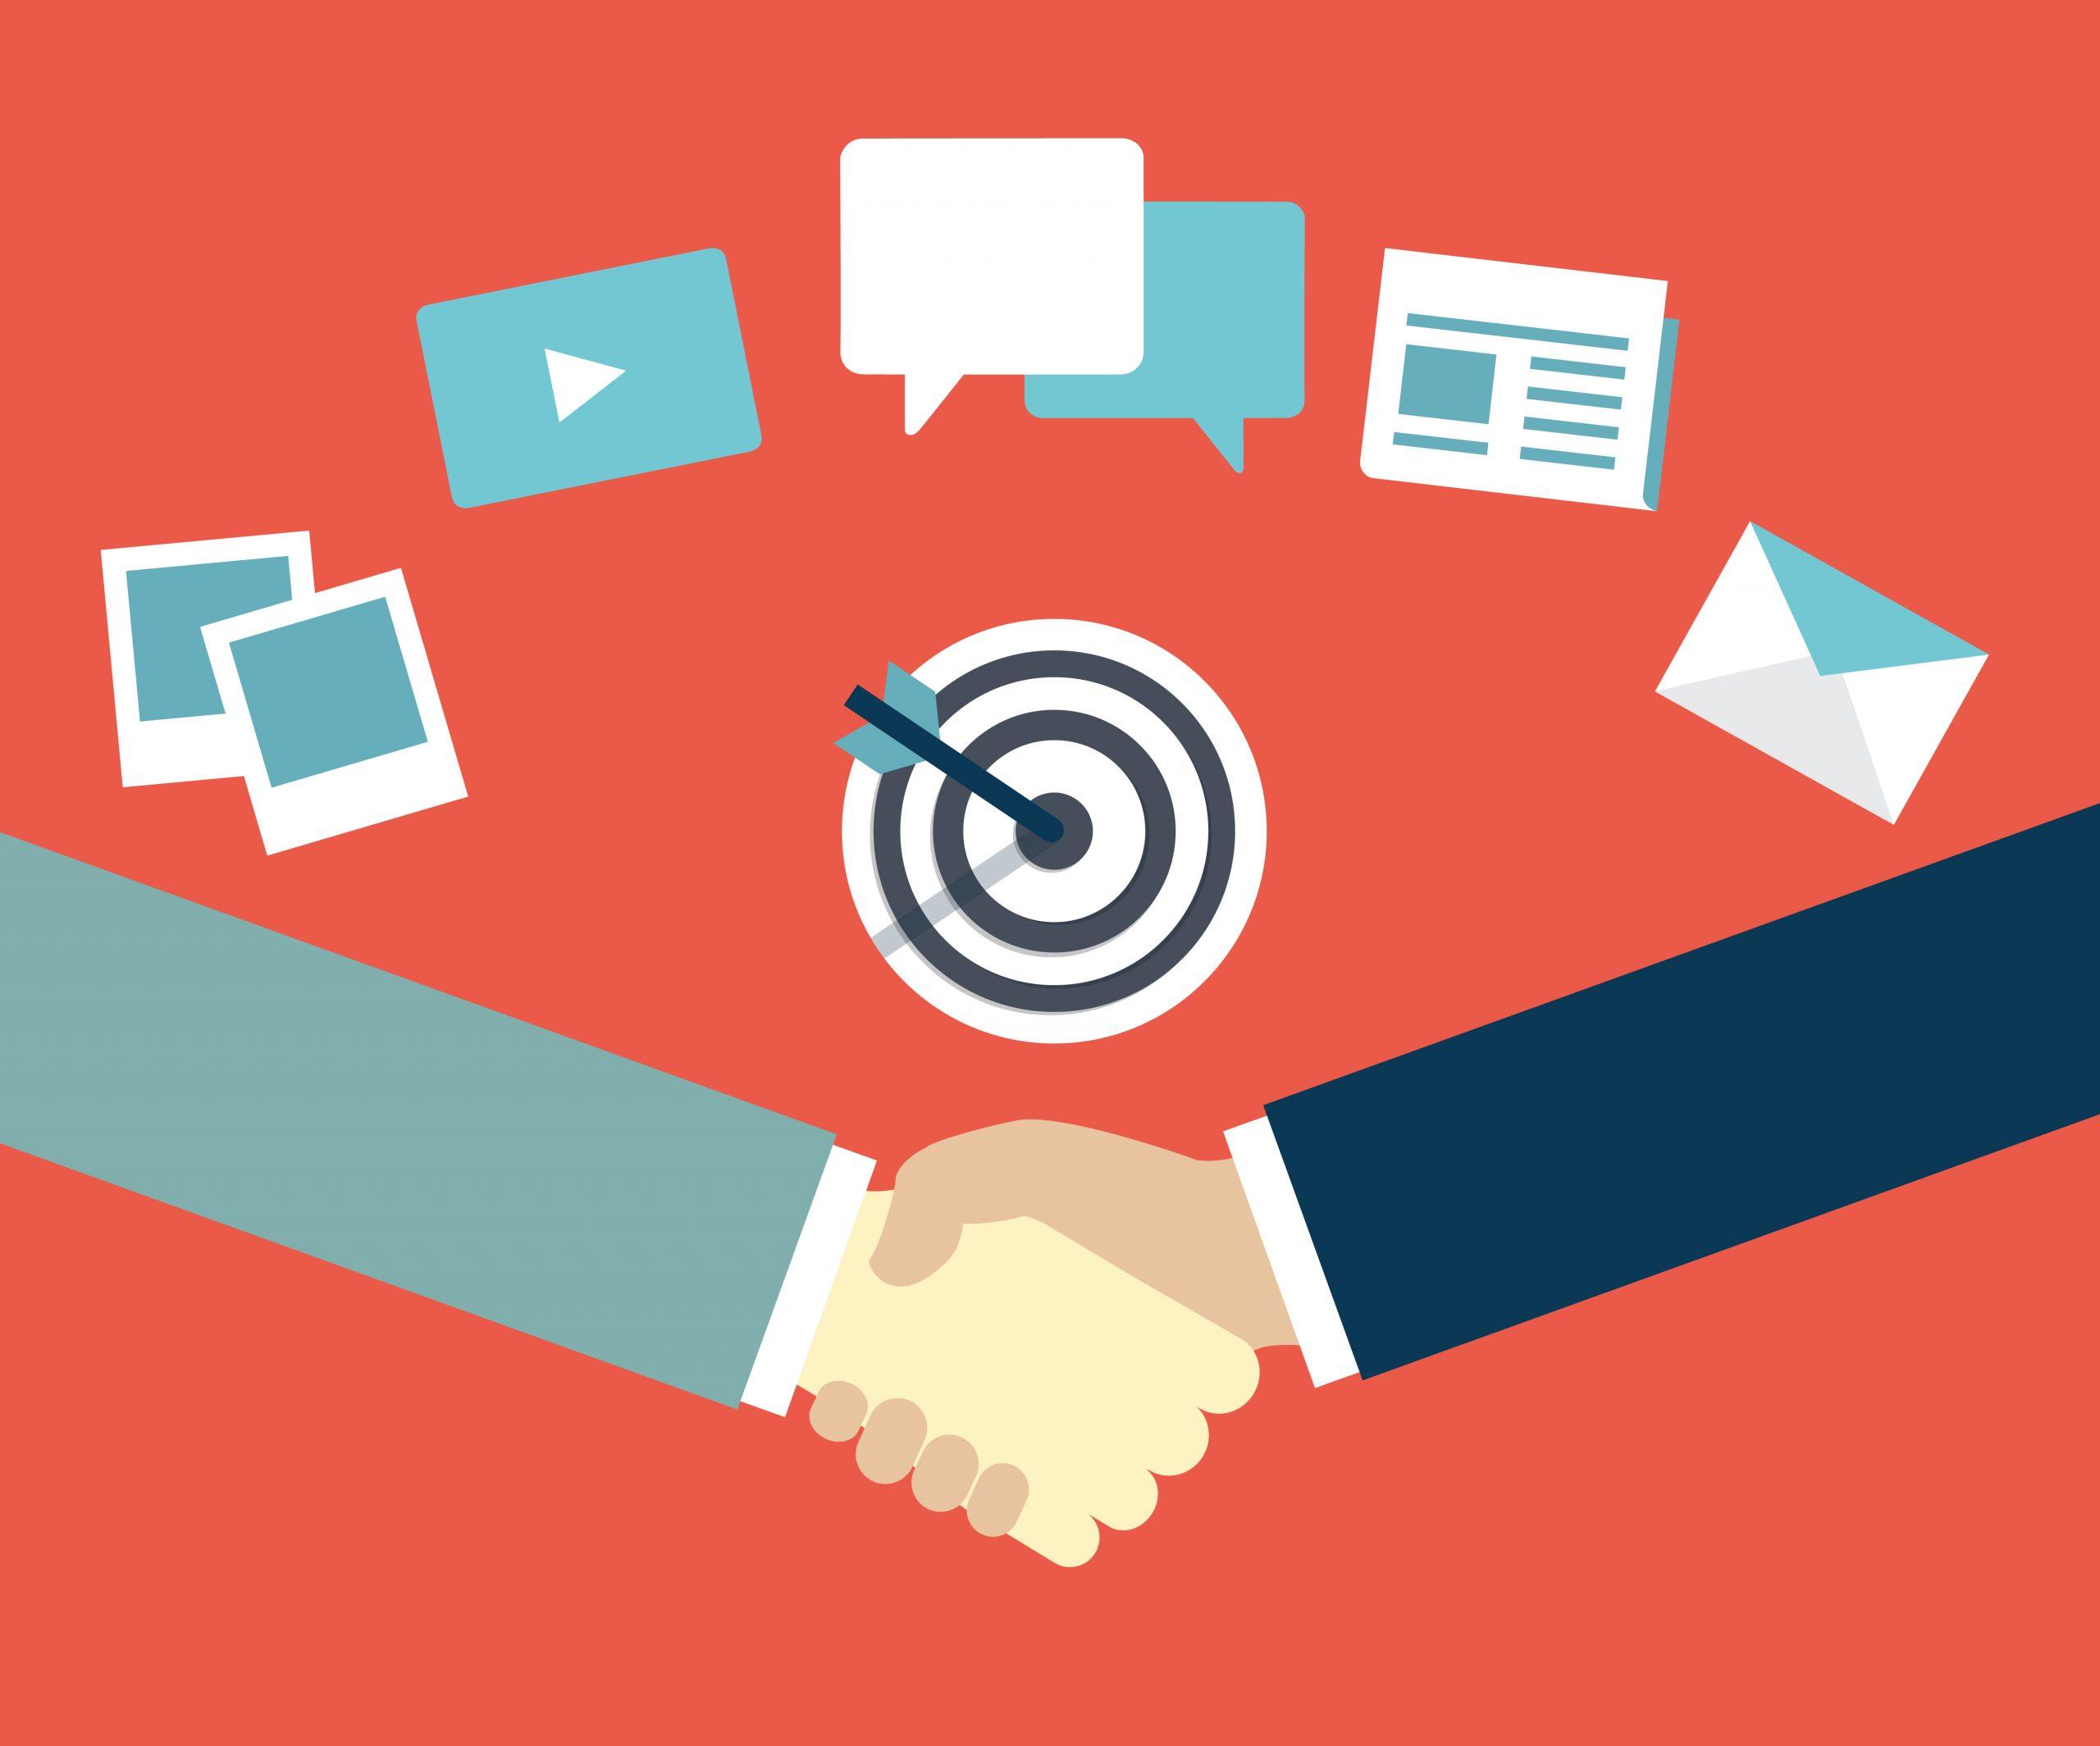 Comment réussir à coup sûr un partenariat gagnant - gagnant ? - Walkcast Partenariat [3] 1